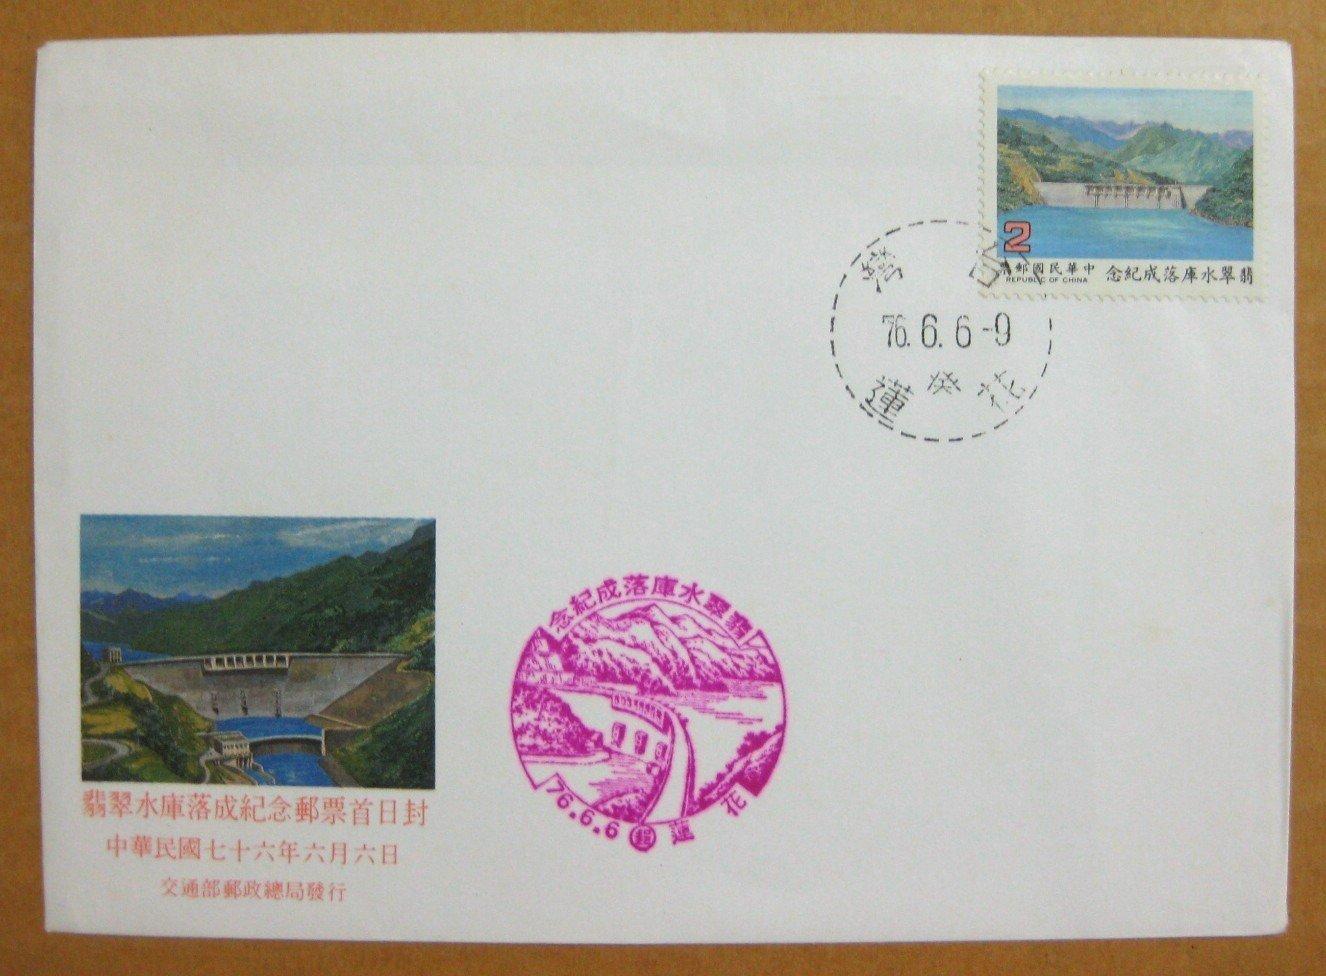 【早期台灣首日封七十年代】---翡翠水庫落成紀念郵票---76年06.06---花蓮戳---少見